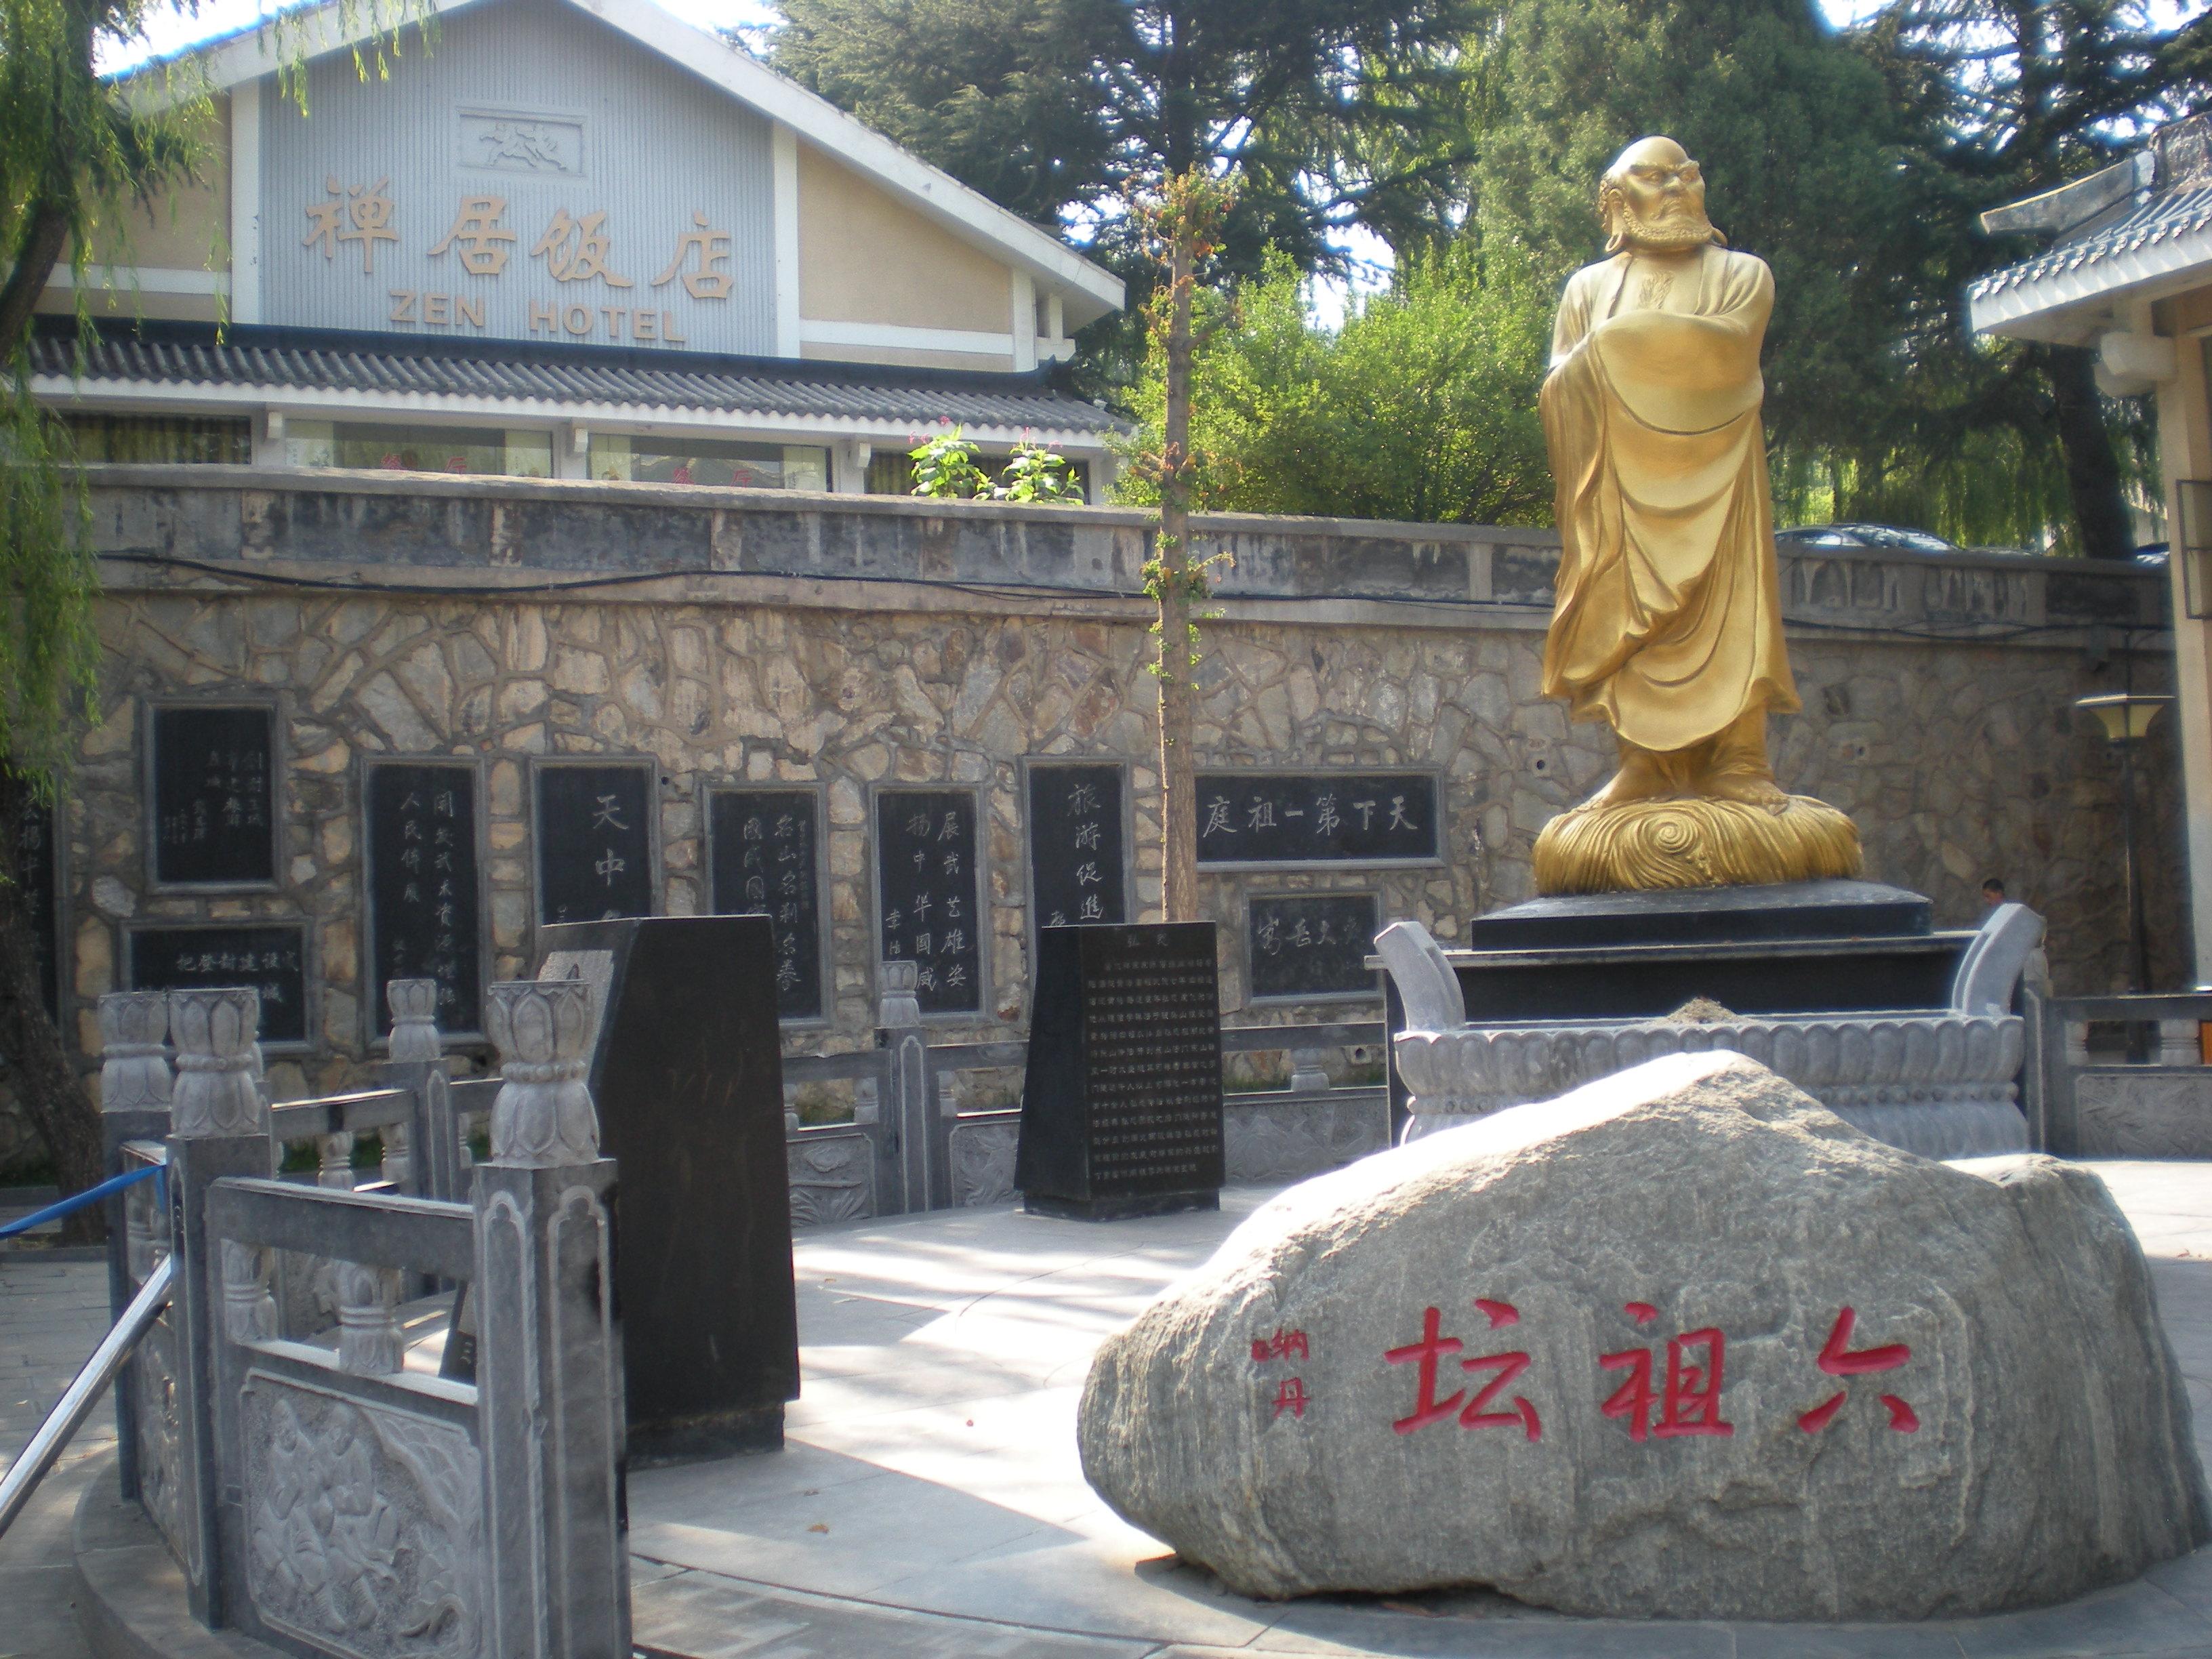 建议到郑州火车站对面的旅游汽车站坐少林寺的旅游